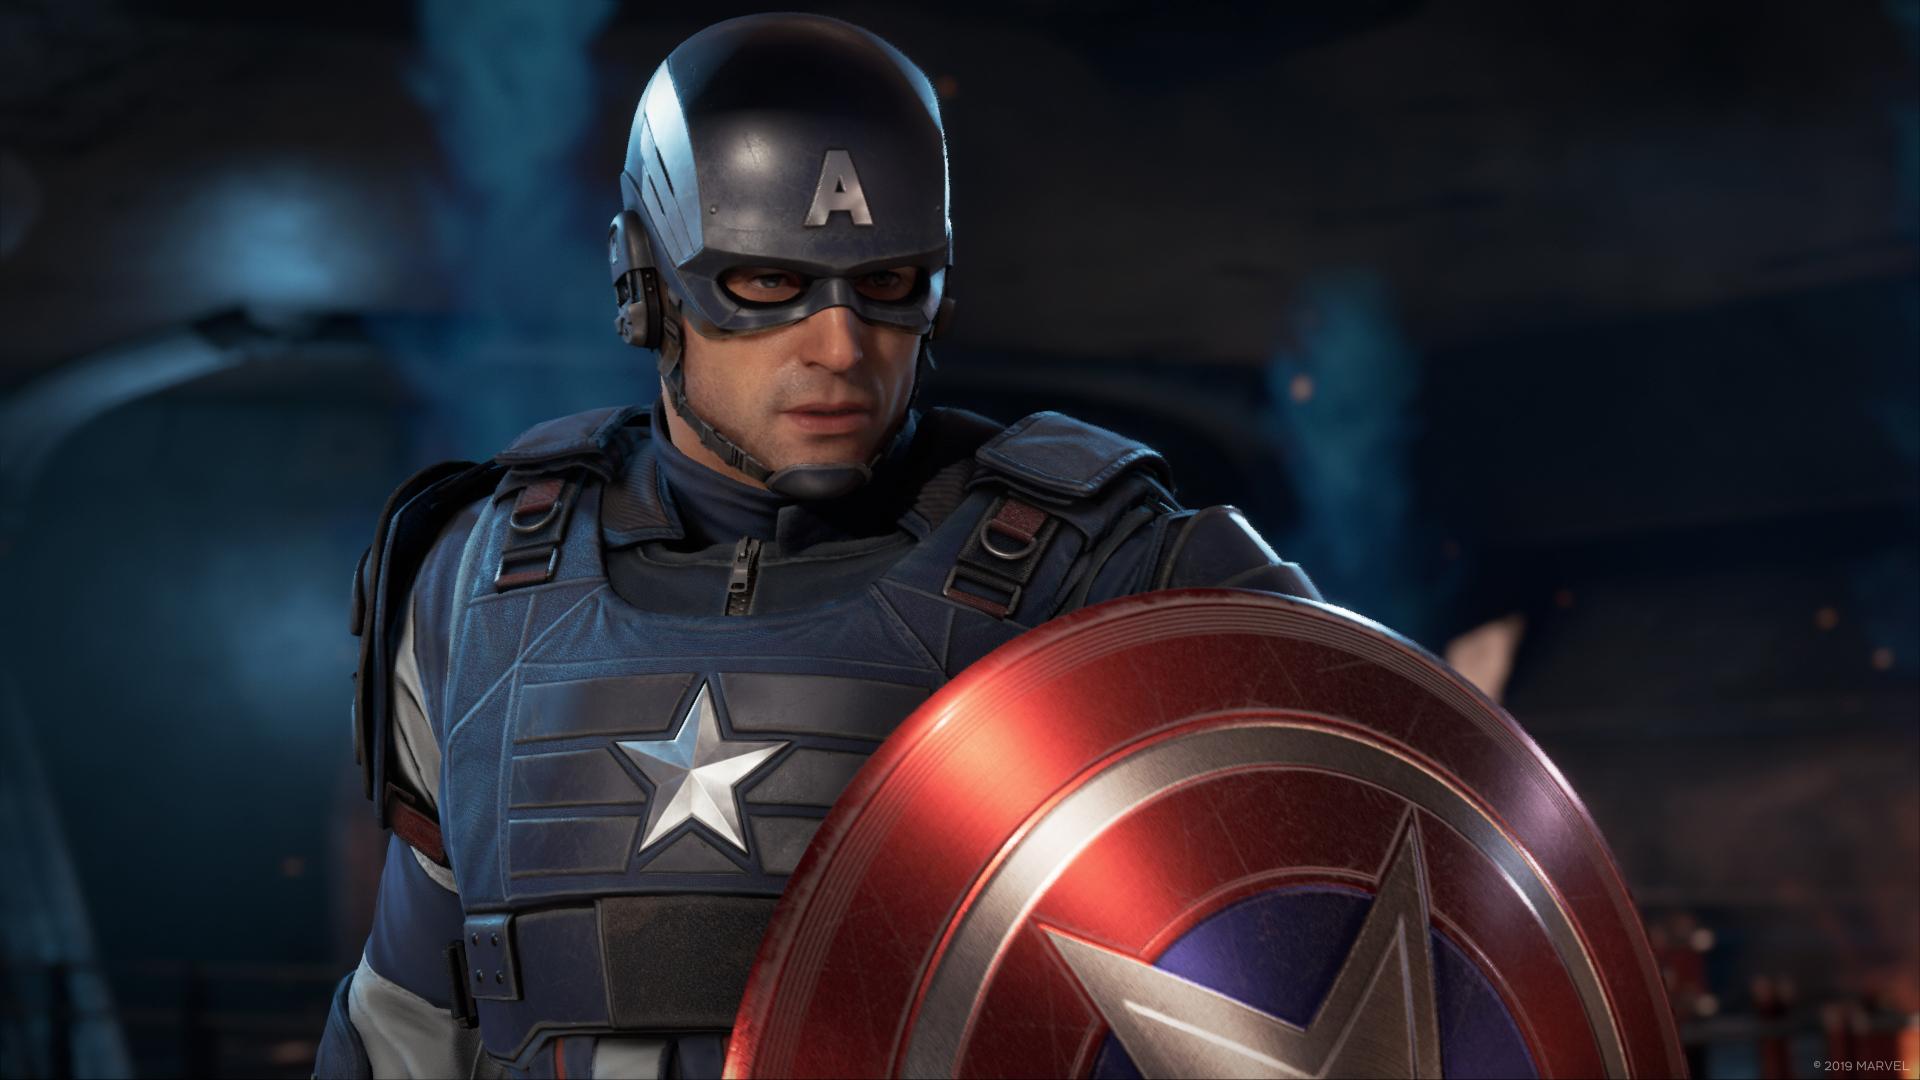 Marvel's Avengers - Kapitan Ameryka